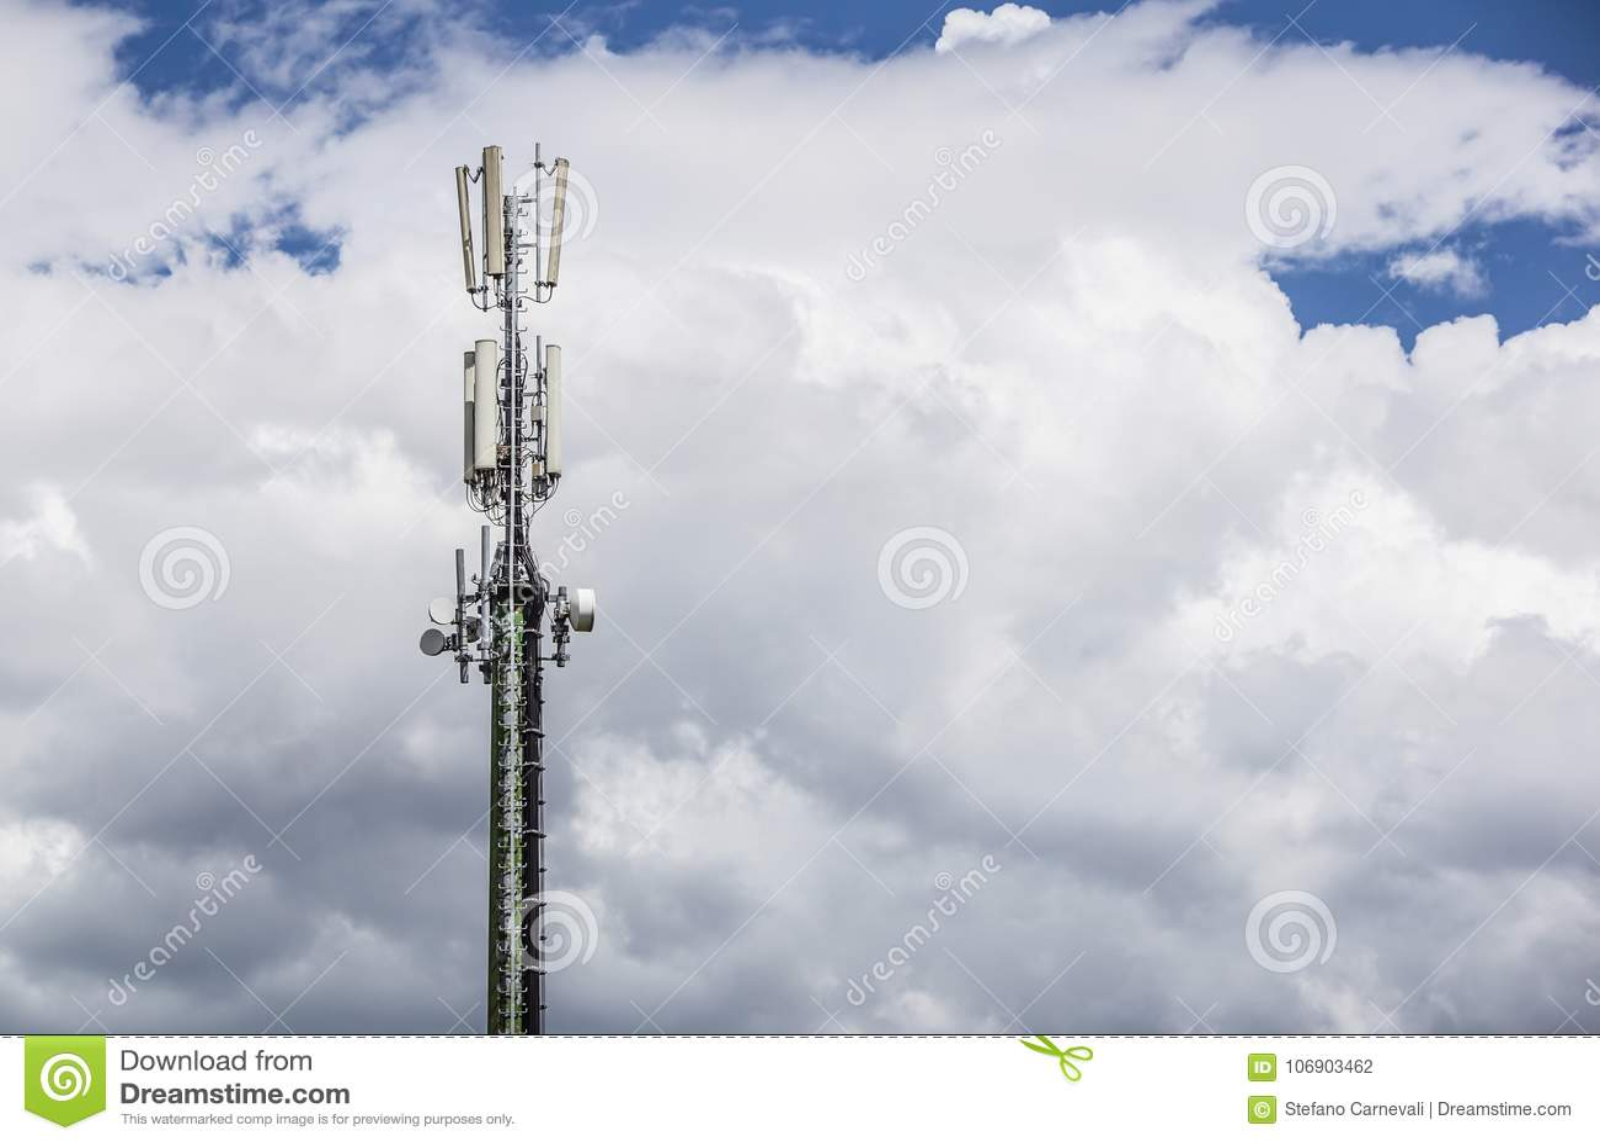 Komunikacyjny słup na niebieskim niebie z chmurą